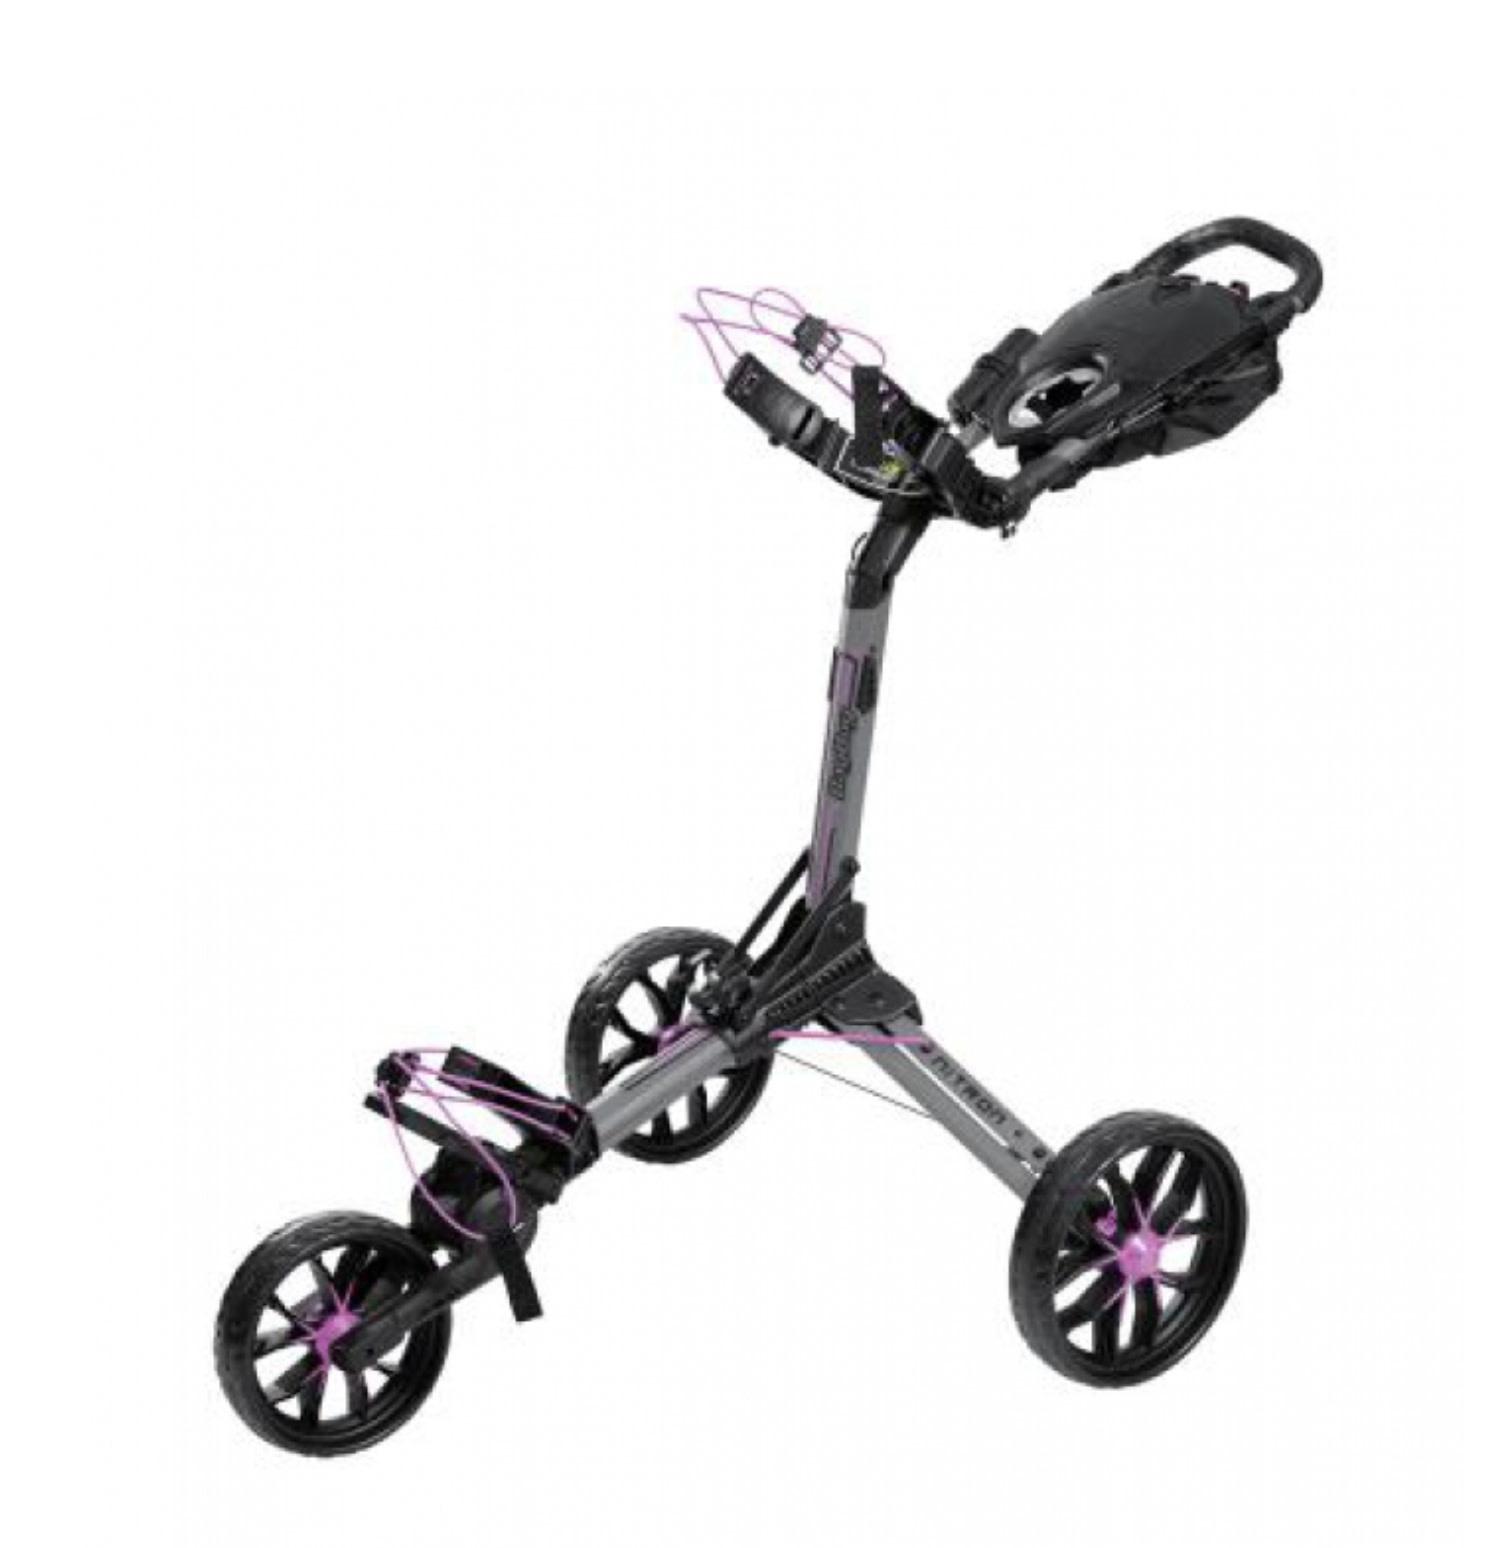 Bagboy Trolley BagBoy Nitron 2020 battle grey / pink